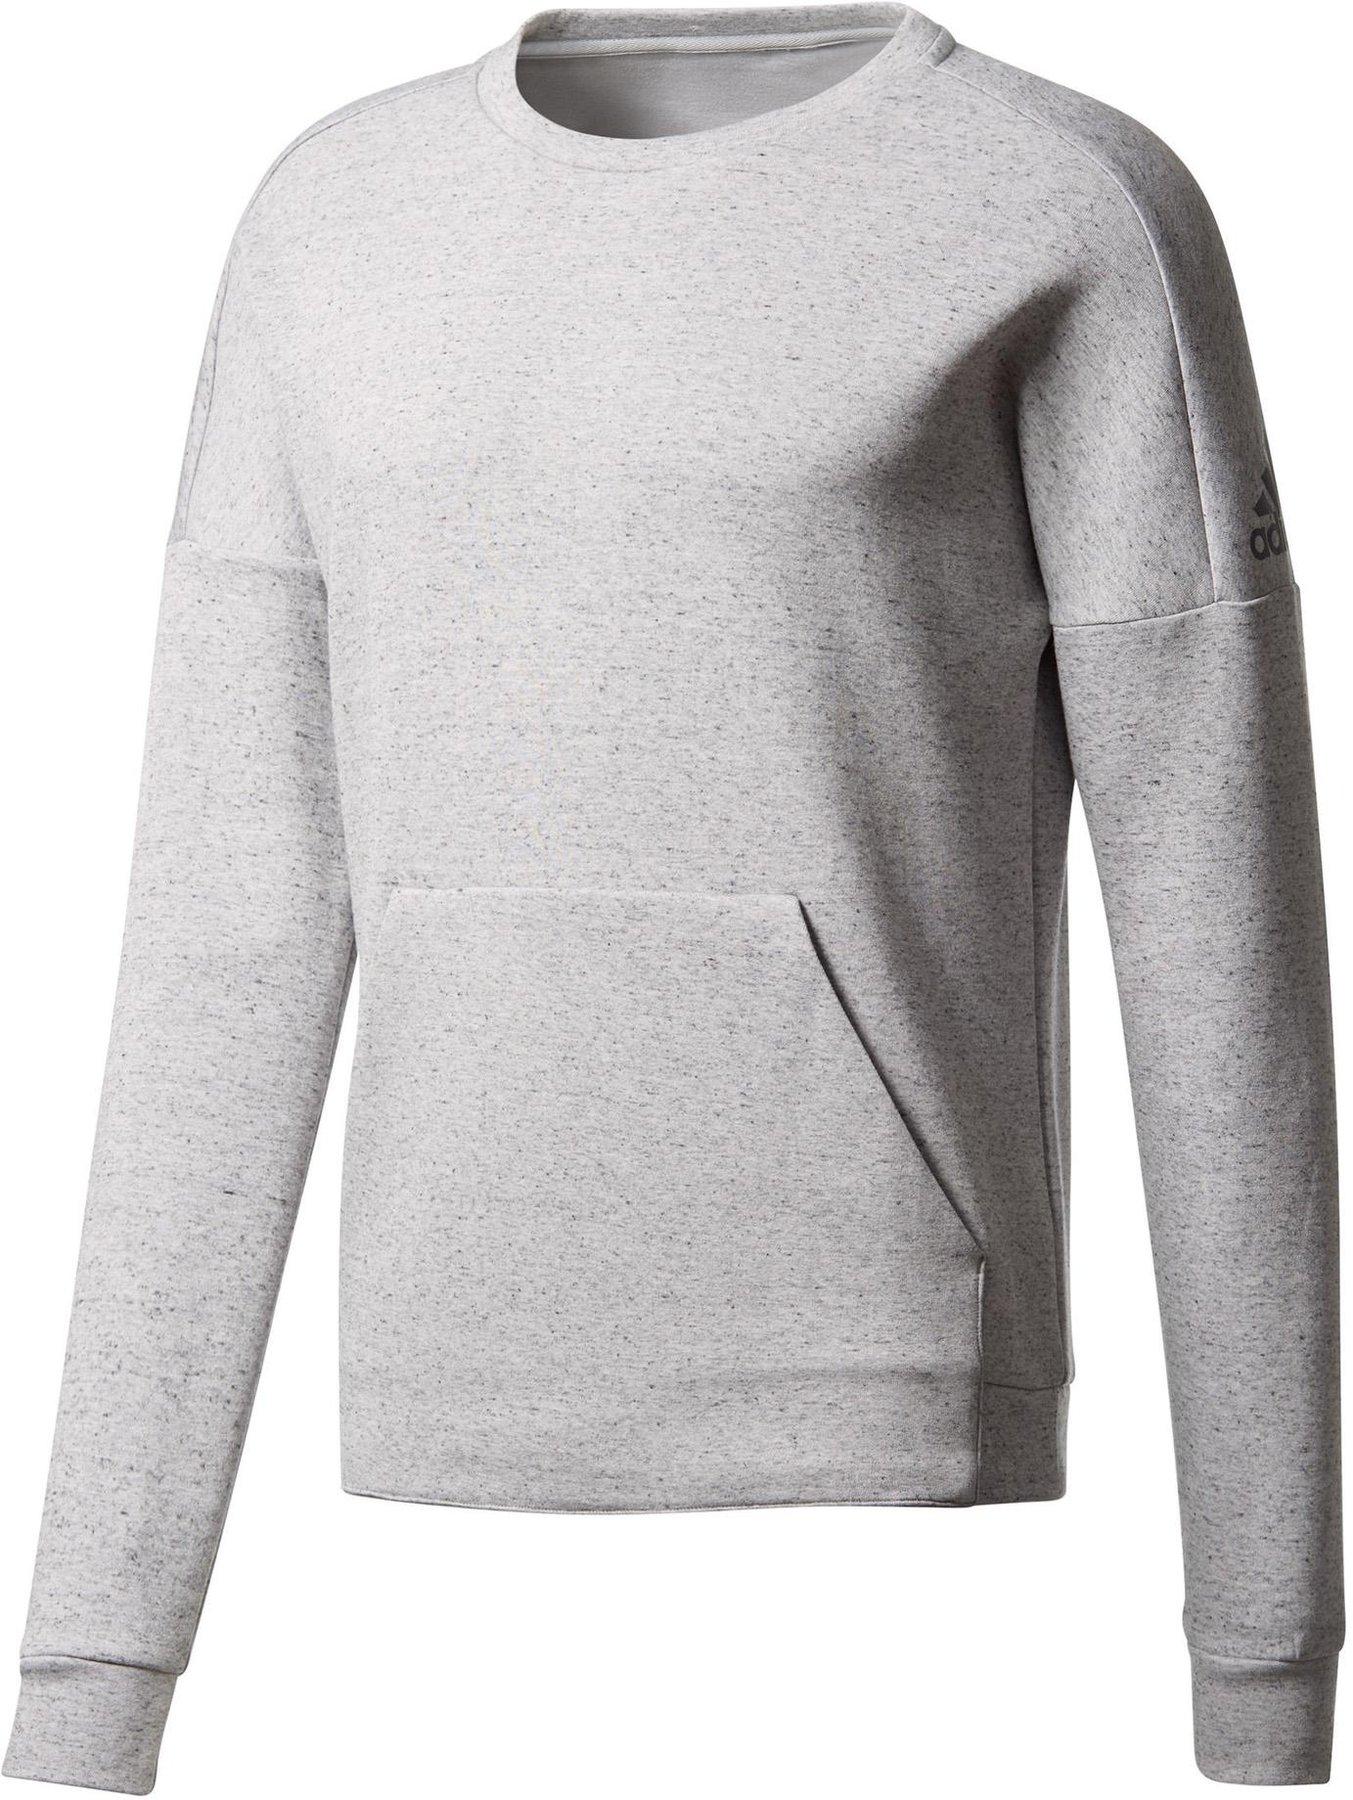 adidas pullover herren schwarz weiß